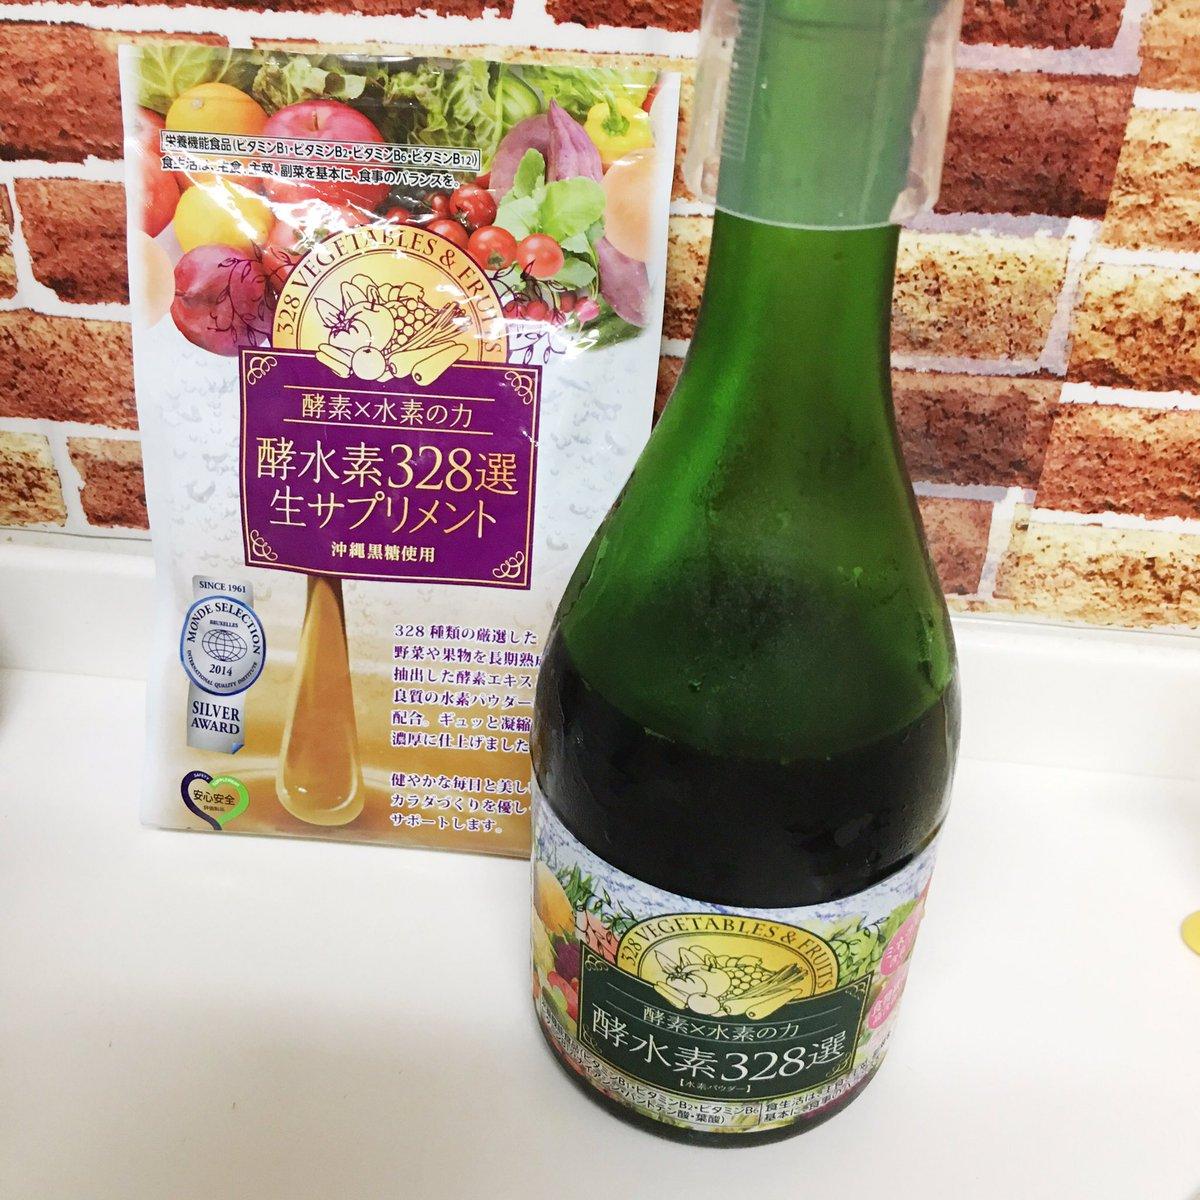 酵水素328選愛用中。 飲みやすくてオススメです https://t.co/cSb4C2VD4K